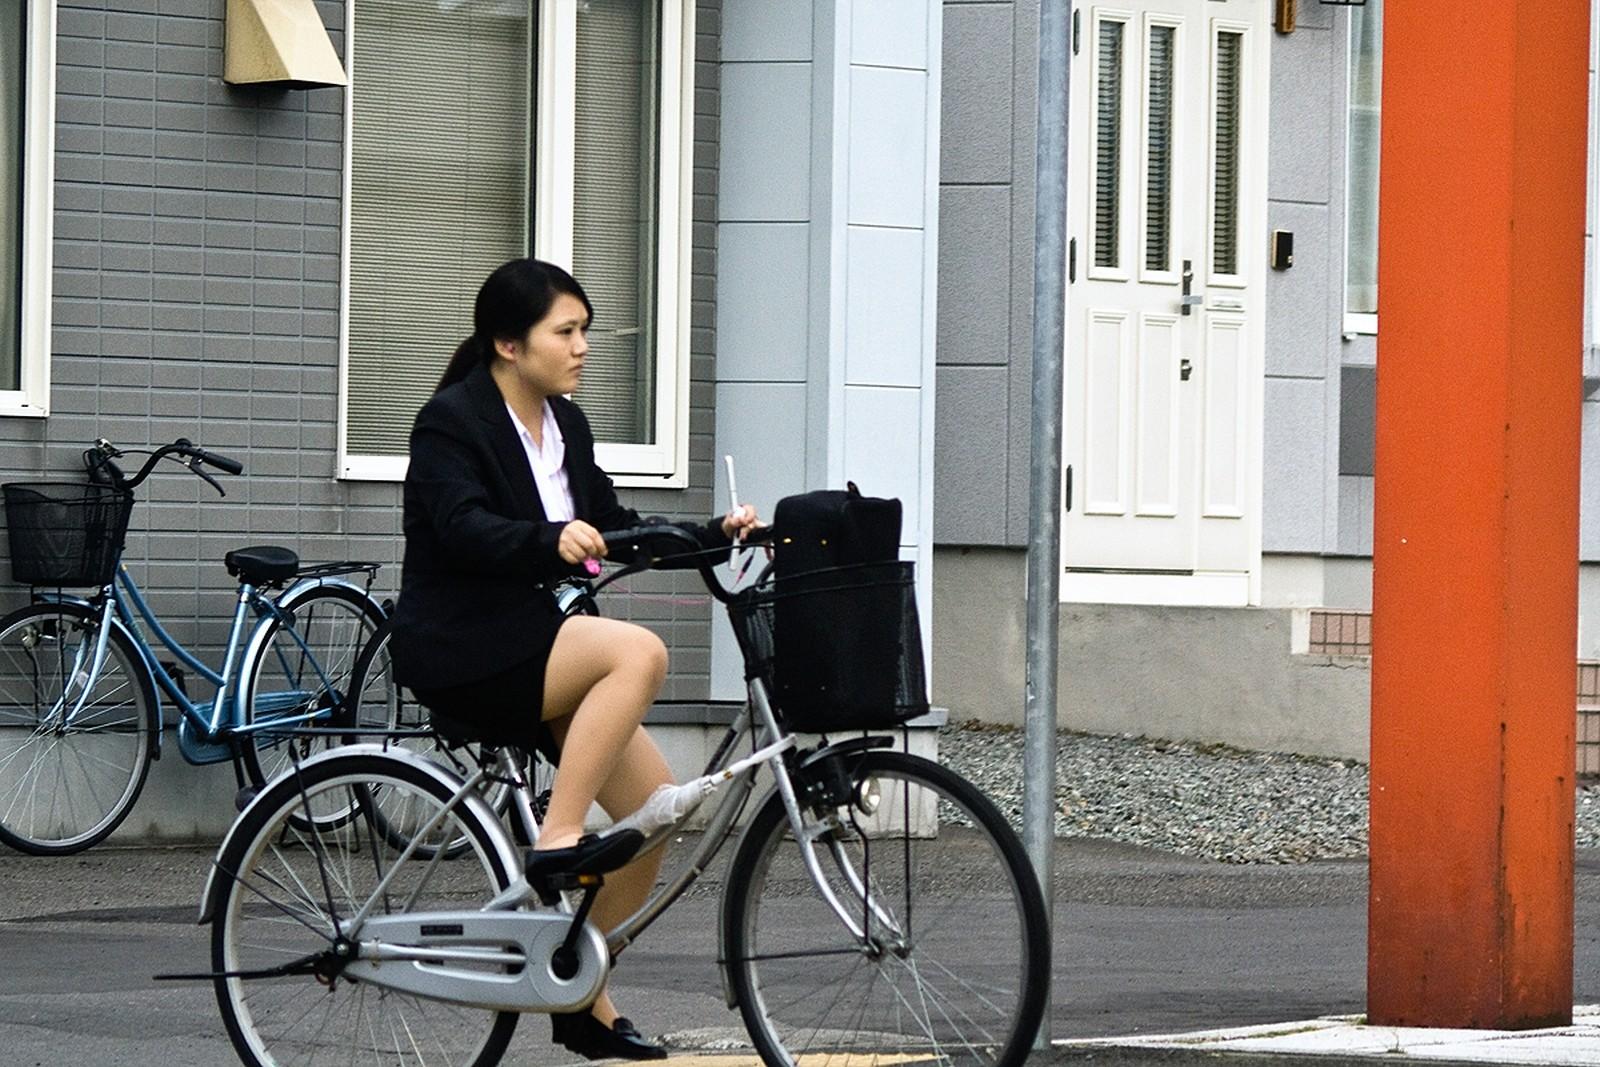 タイトスカートのお尻にパンスト足パンチラの自転車OLエロ画像14枚目